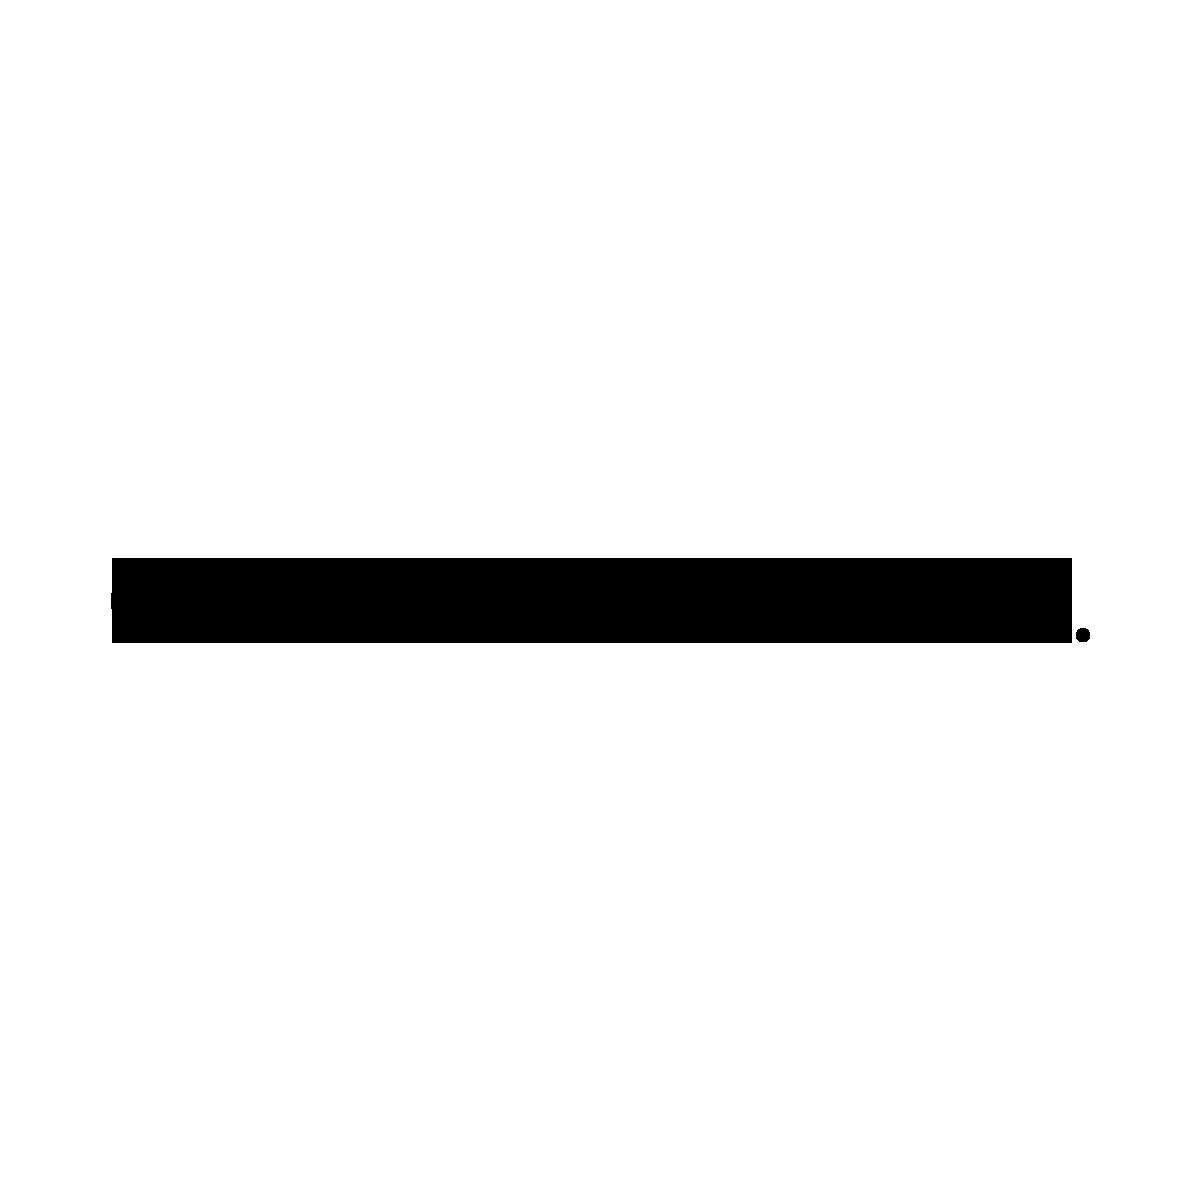 fred de la bretoniere sneaker zwart leer 101010006 schoen op model